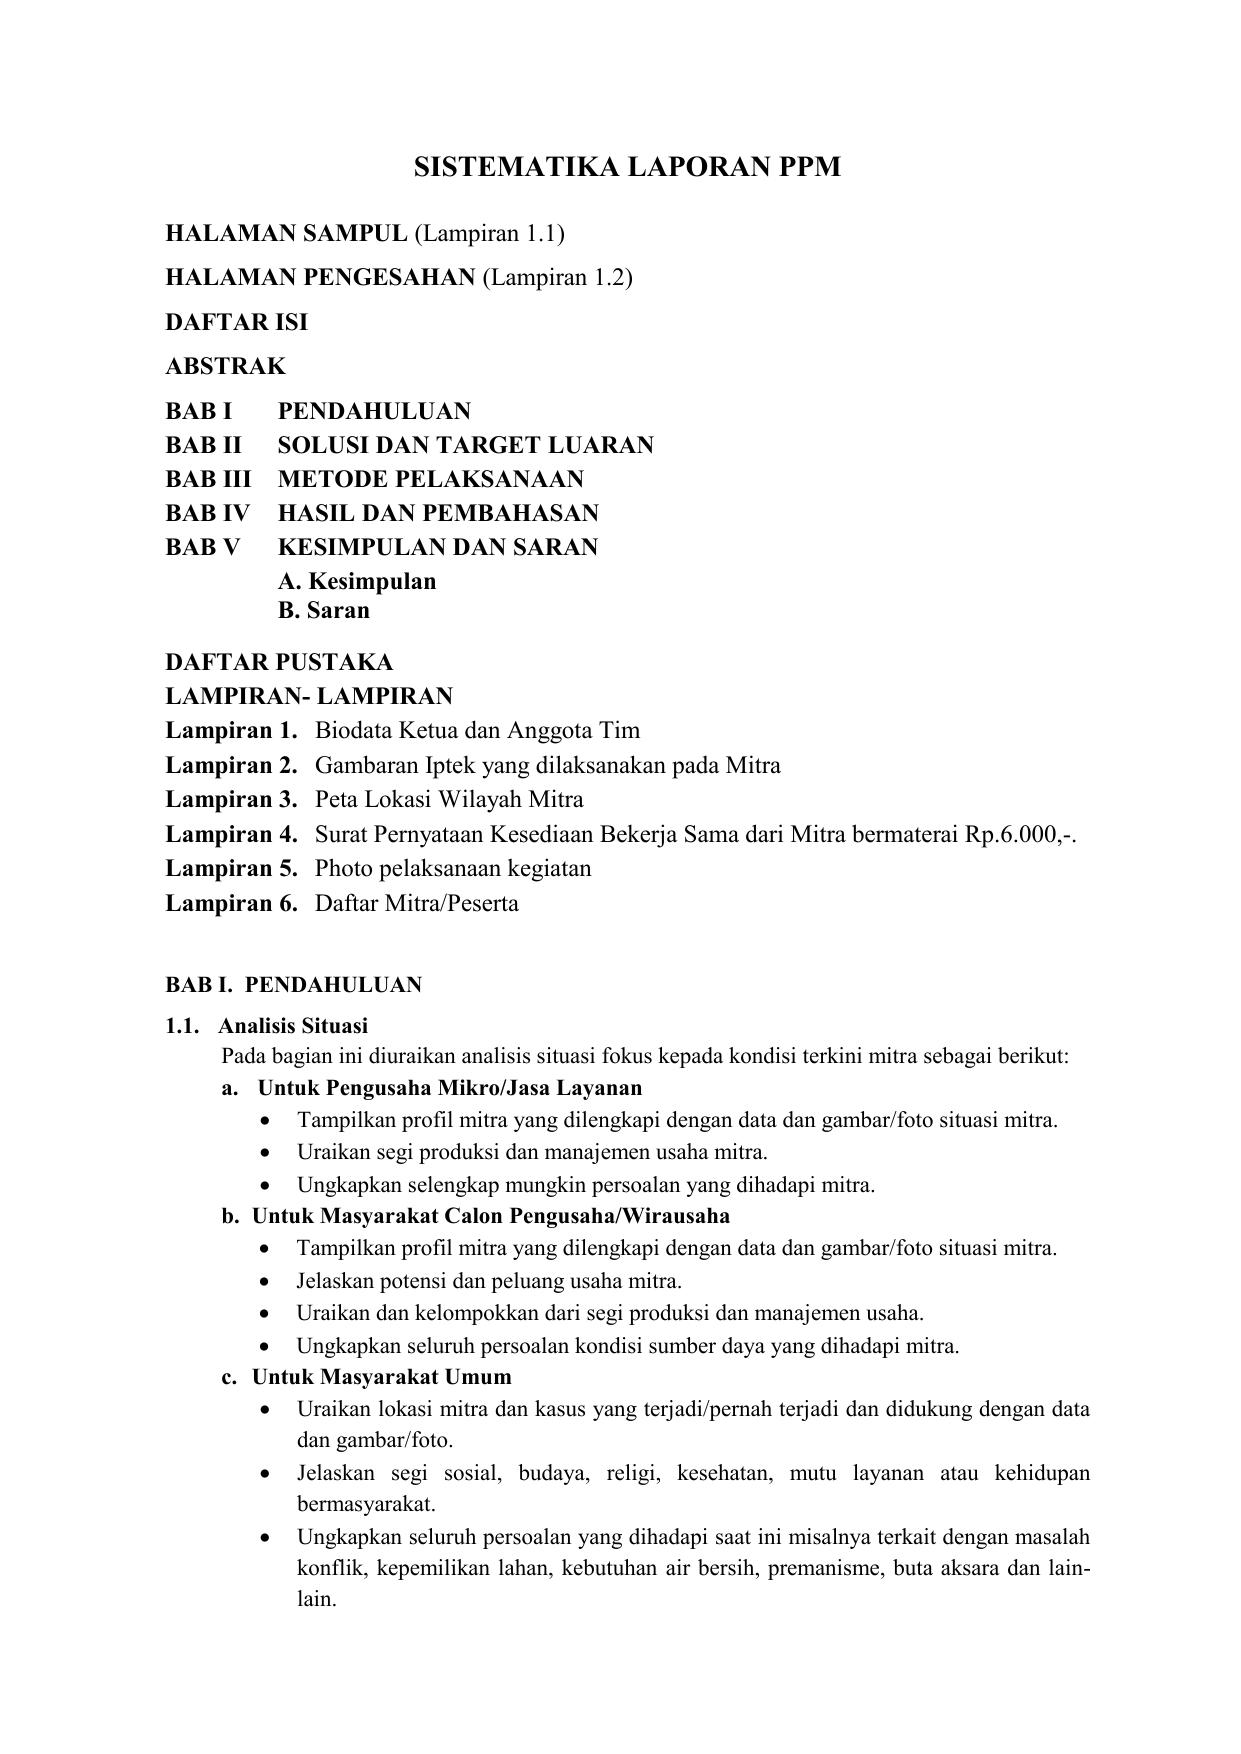 Kelas 2b2154el Contoh Format Laporan Ppm